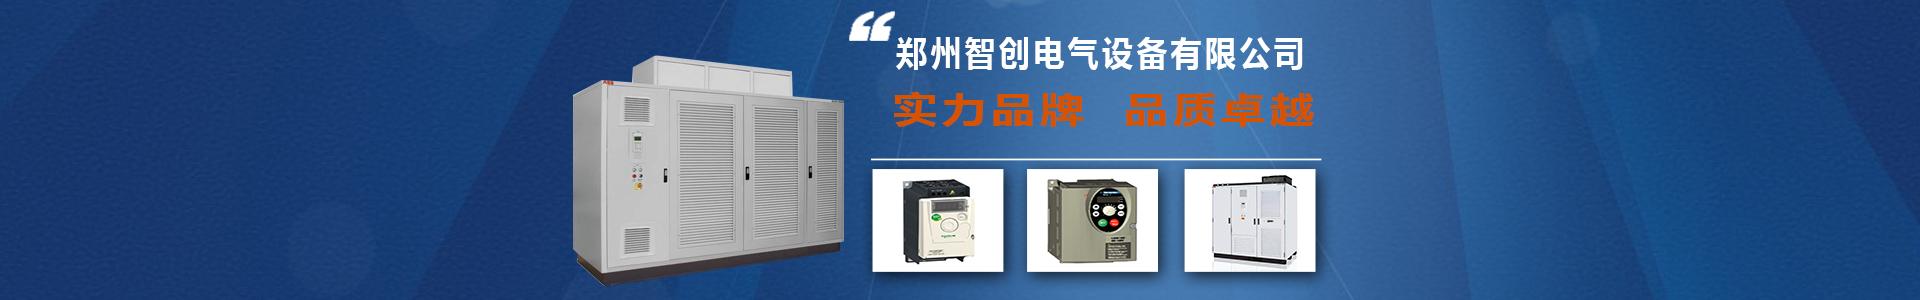 郑州变频器维修厂家